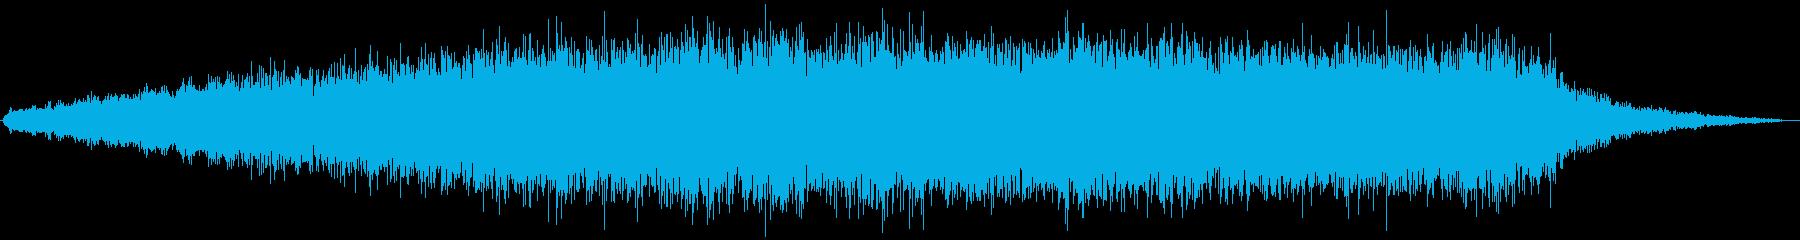 ドローン ダークパッション01の再生済みの波形